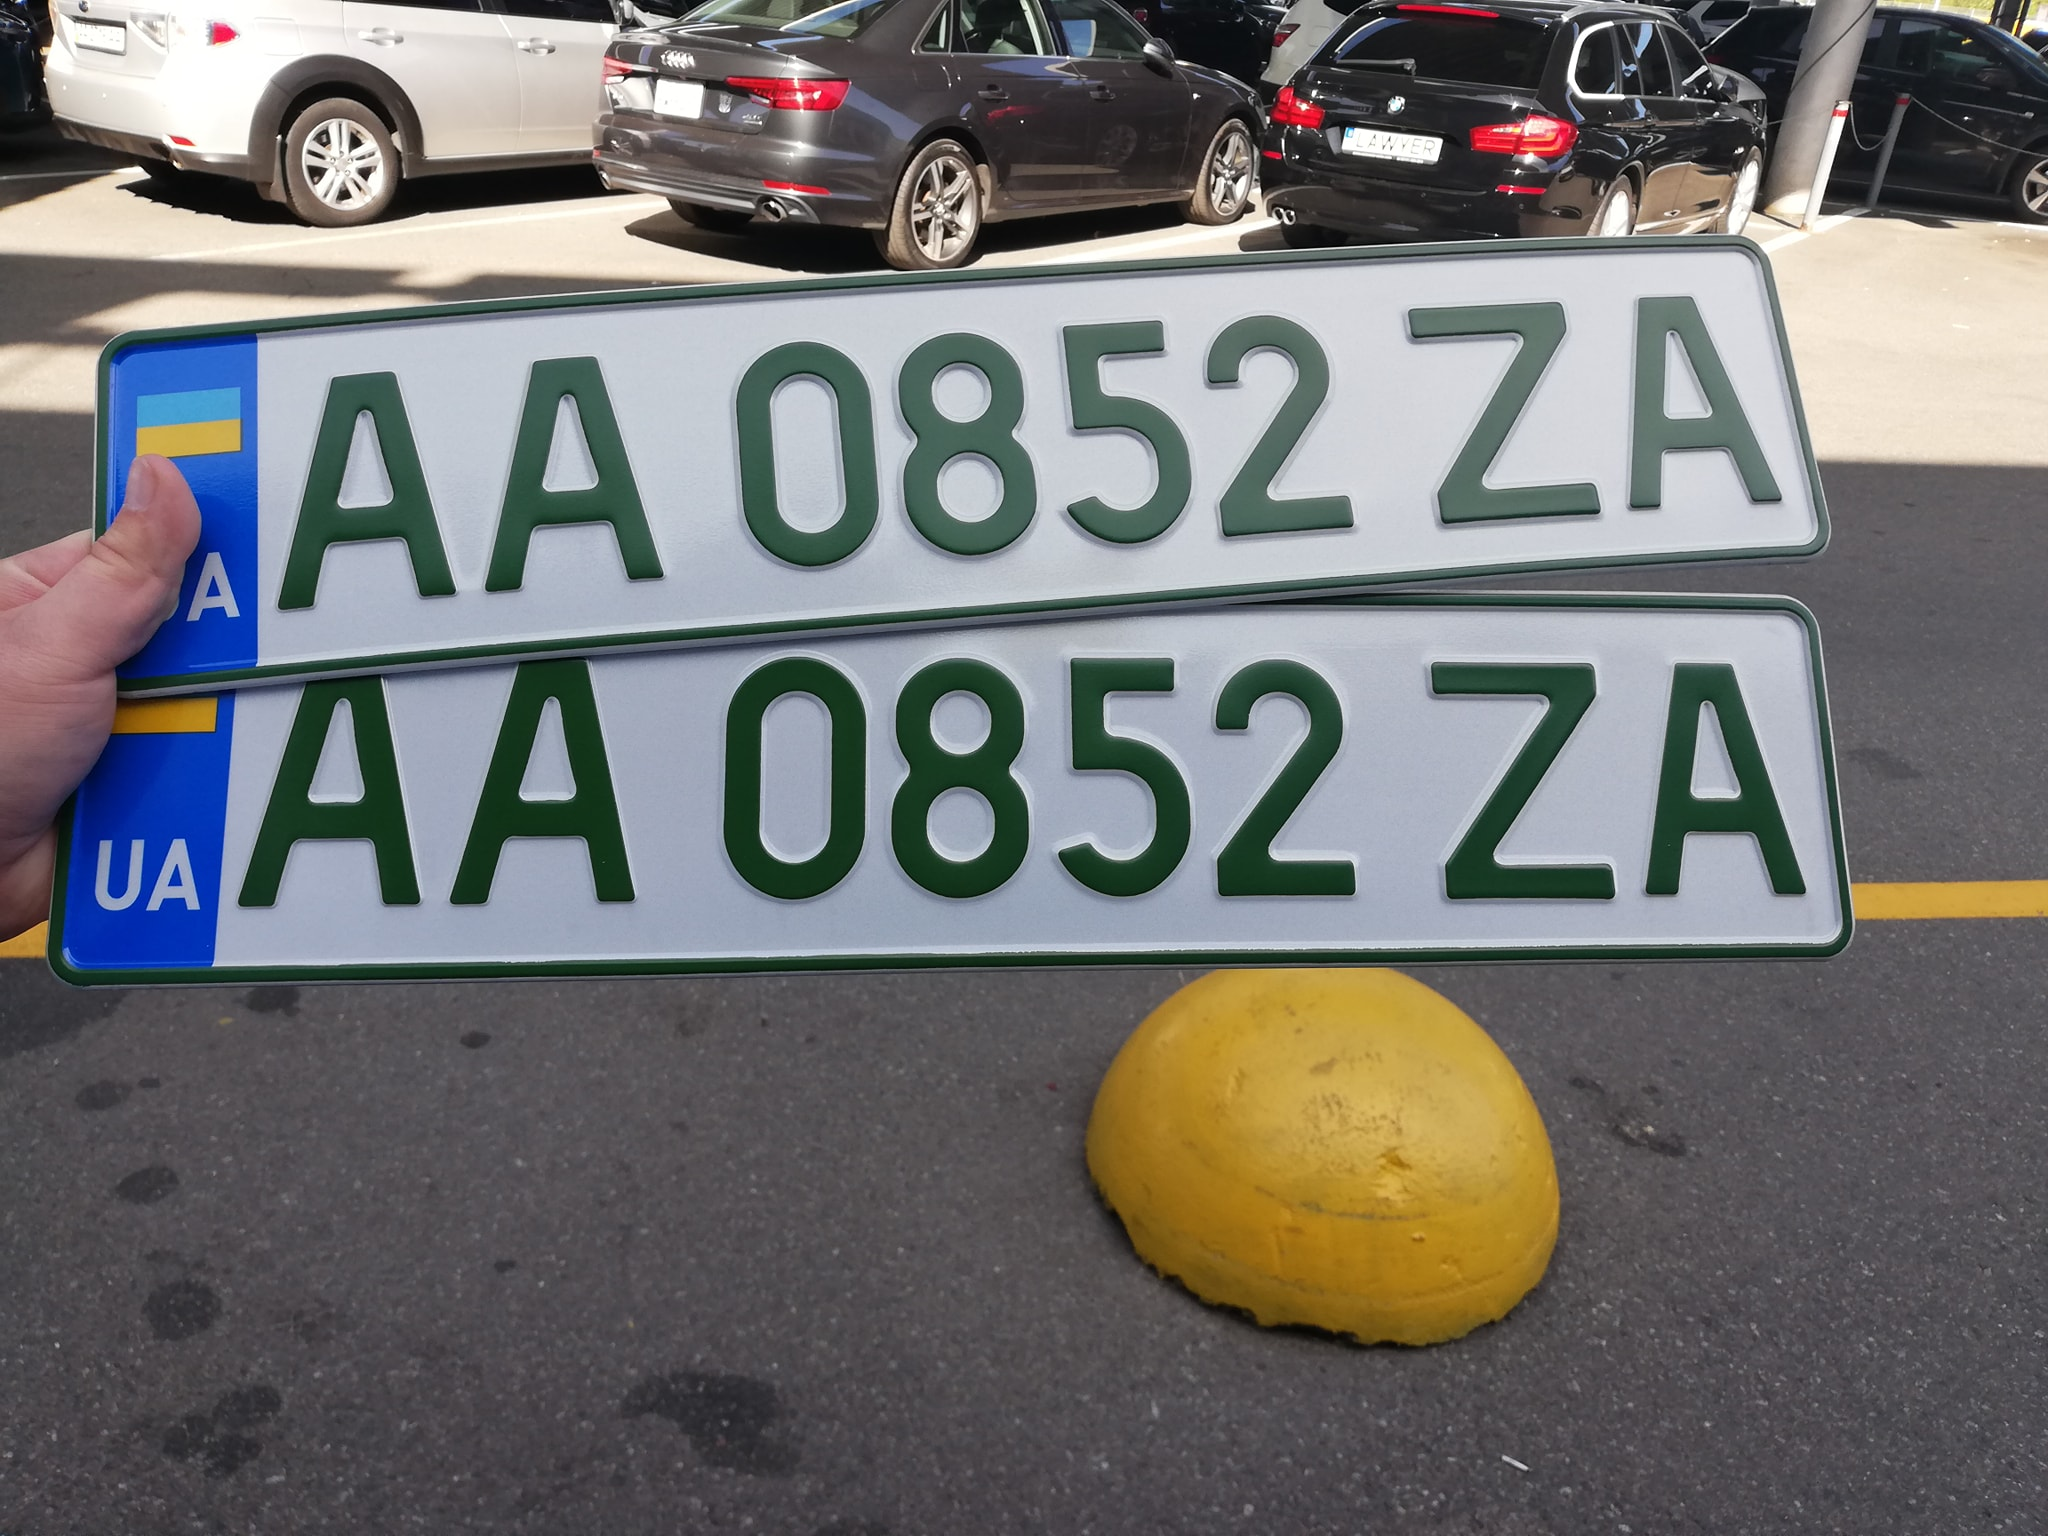 Владельцам электрокаров начали выдавать зеленые номера - фото 2